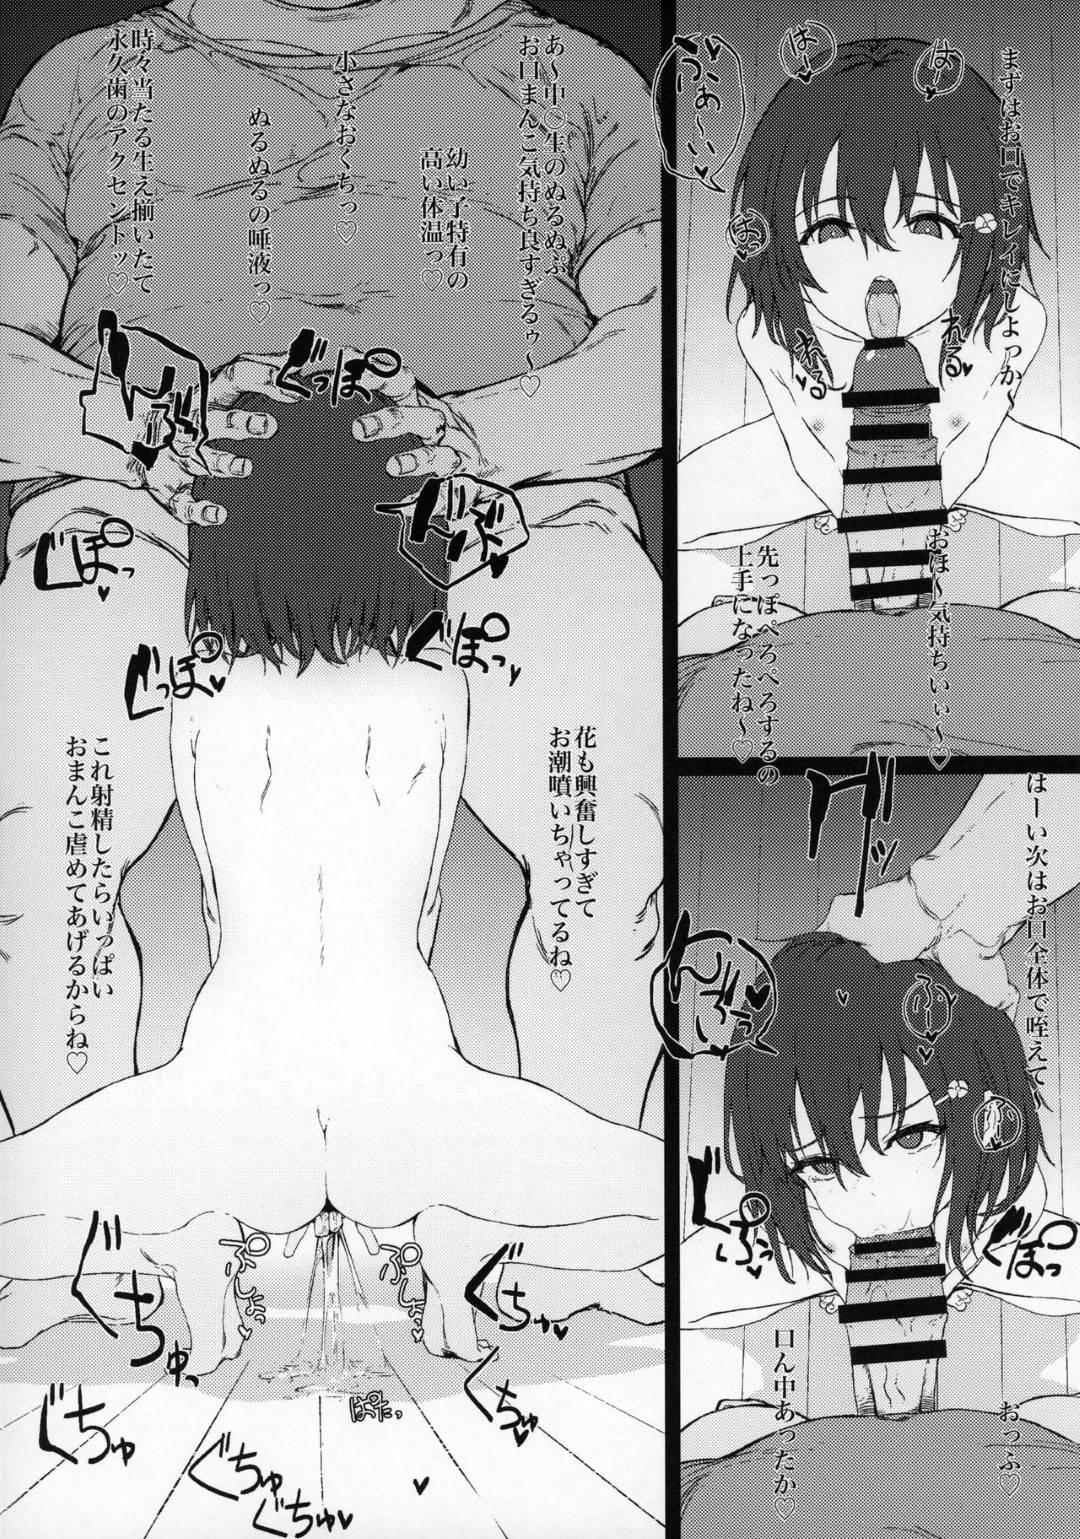 【催眠JC妹エロ漫画】JCの花は、デブ兄に催眠をかけられイラマチオされながら、中出しセックスで犯されザーメンを注ぎ込まれる【桃雲】